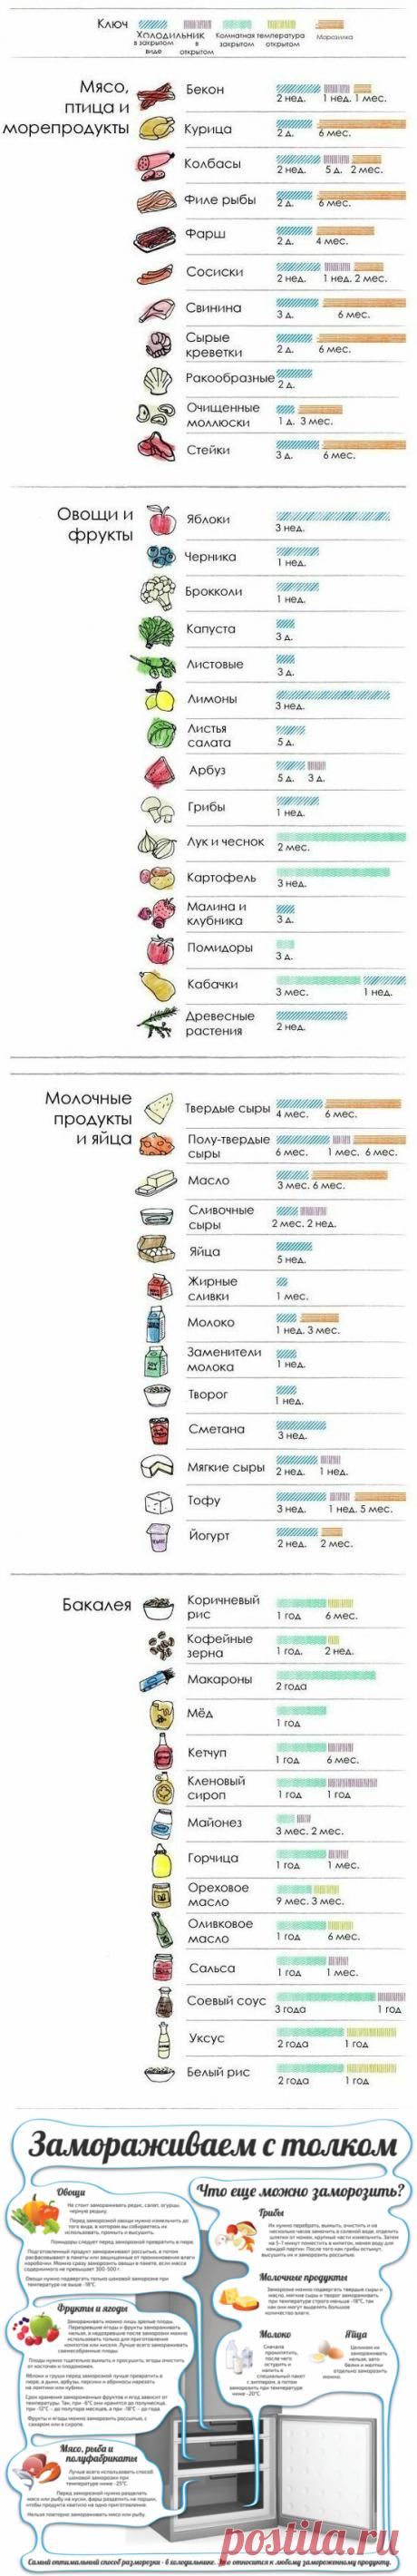 25 полезных кулинарных шпаргалок на все случаи жизни